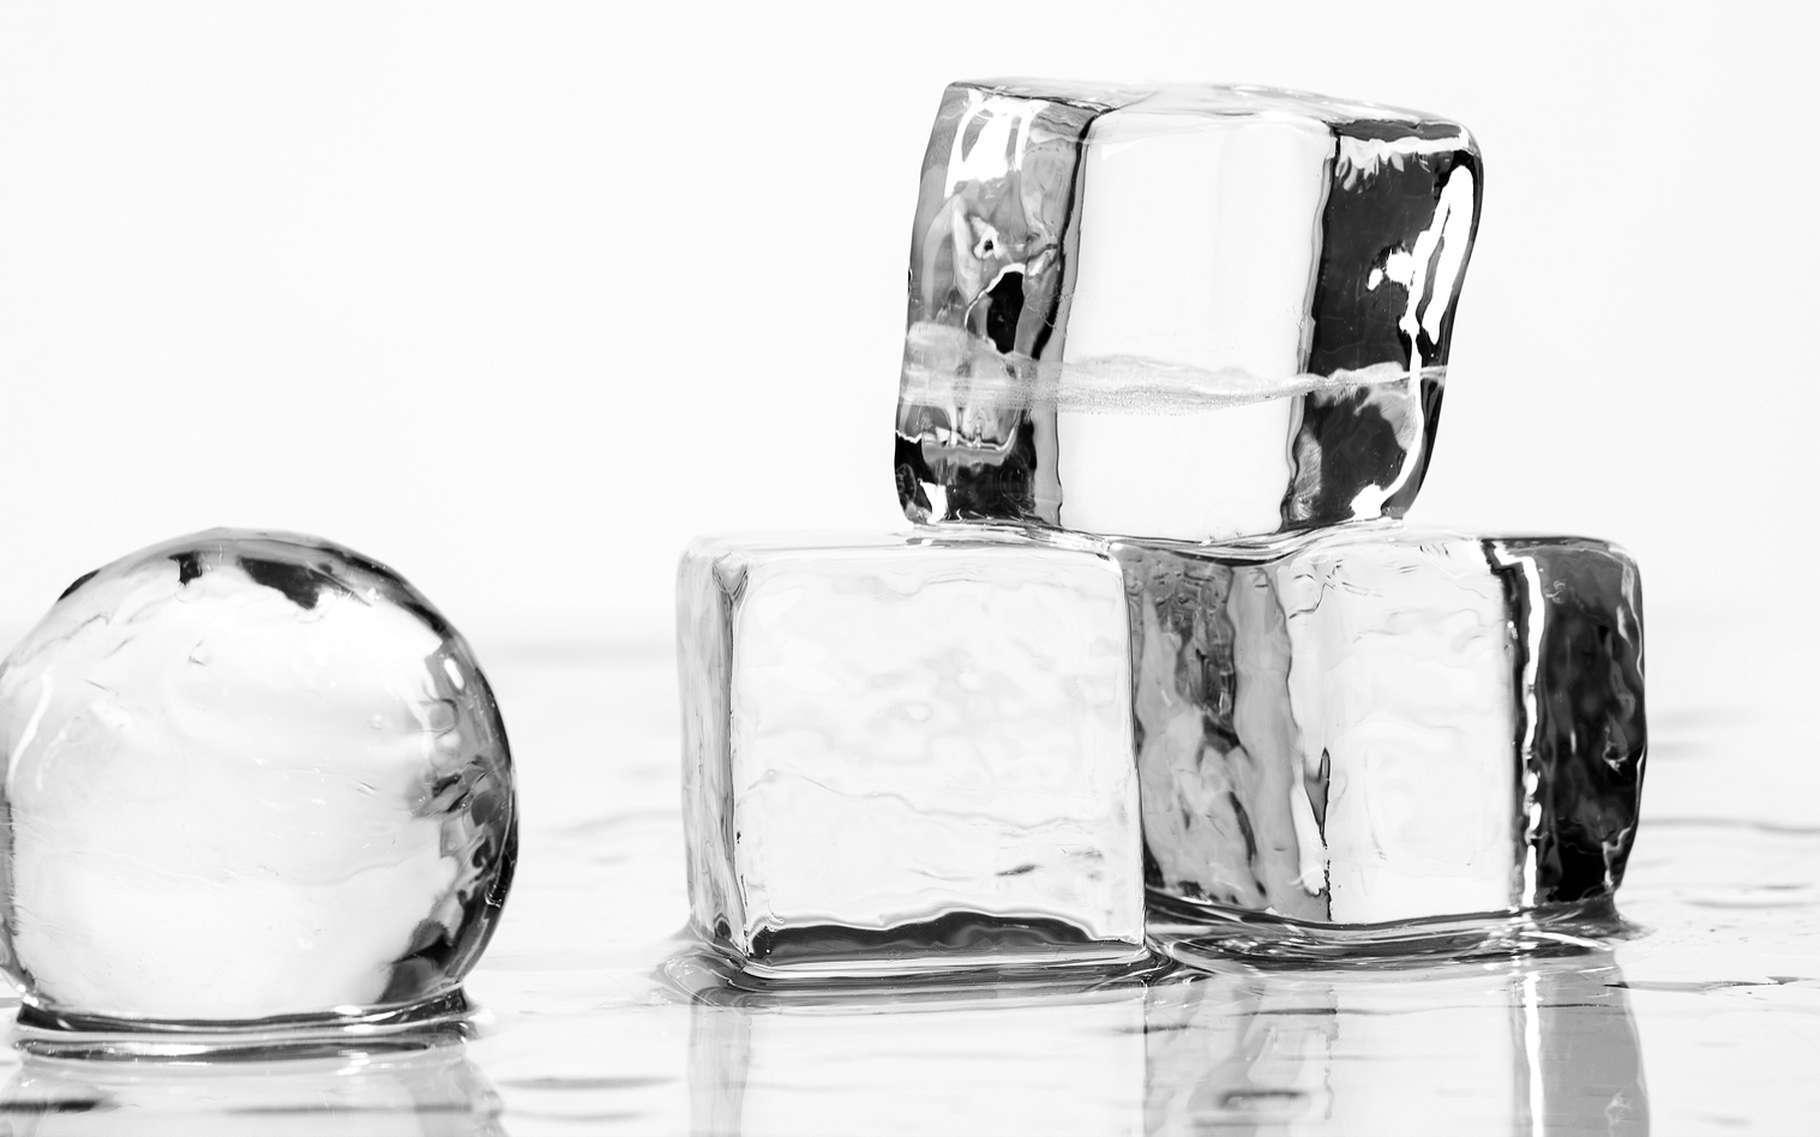 Des cubes de glace ordinaire, plus légère que l'eau liquide. © Allgord, Shutterstock